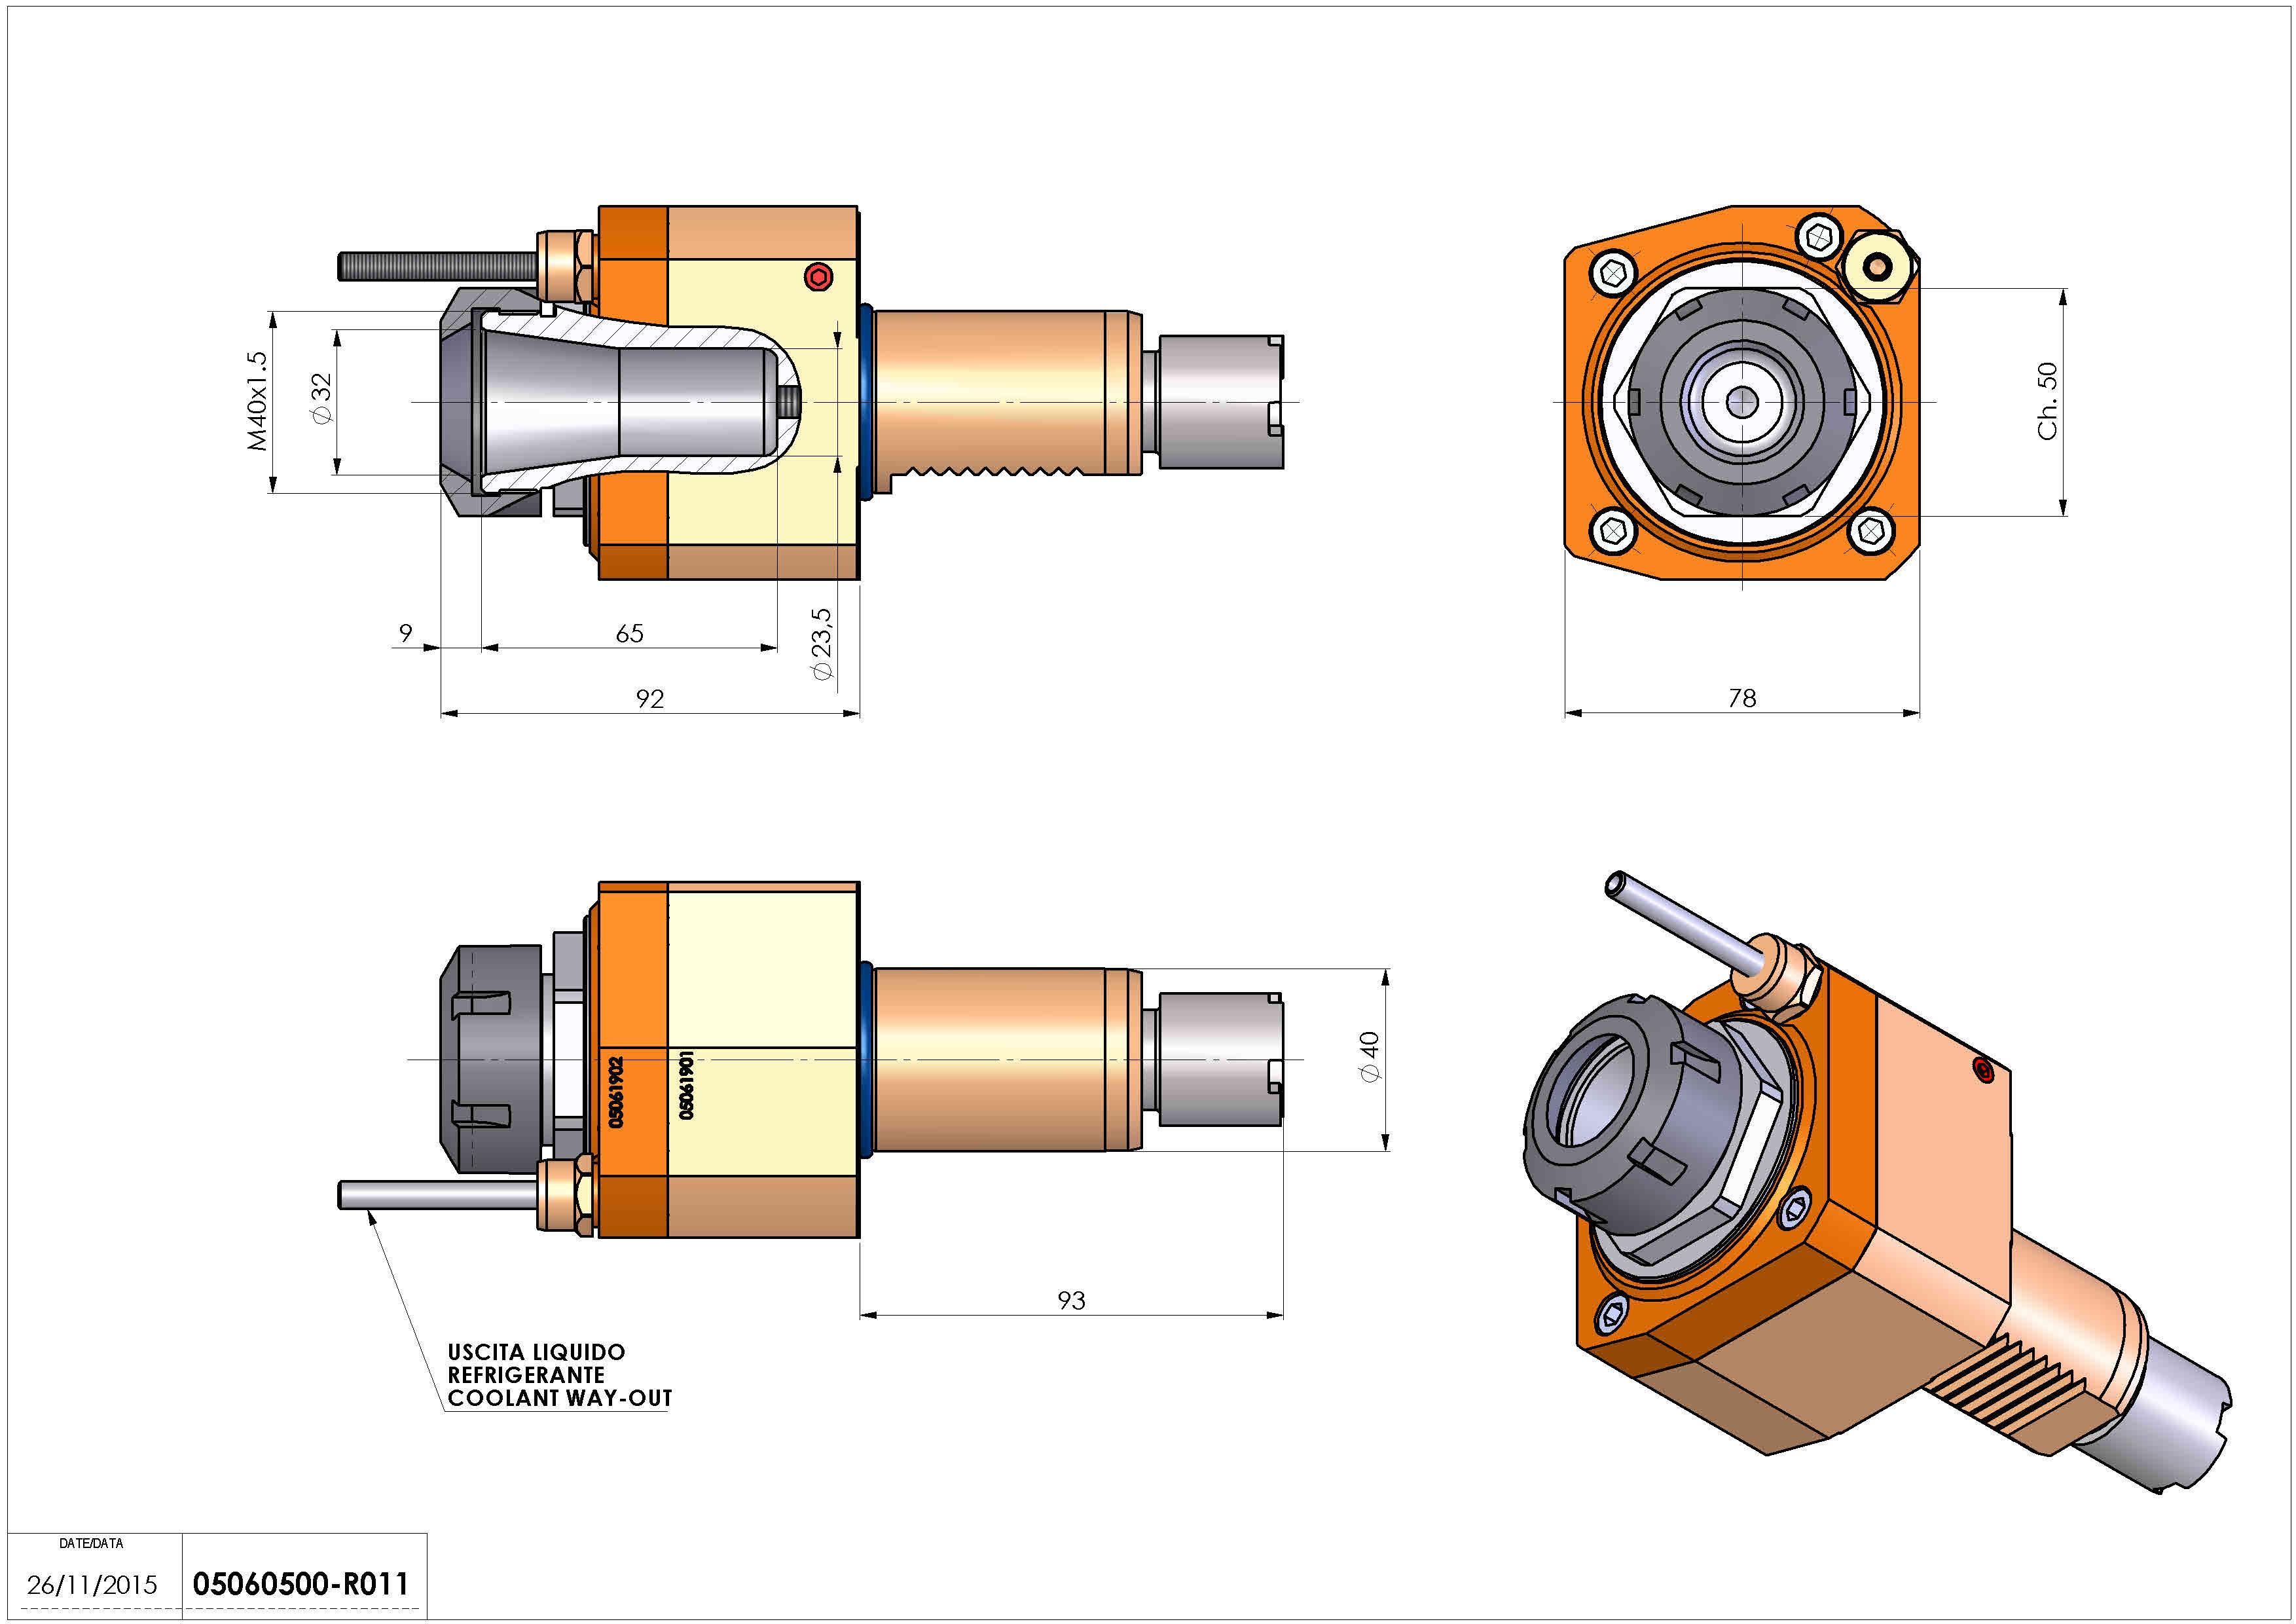 Technical image - LT-S VDI40 ER32 H92 OK.